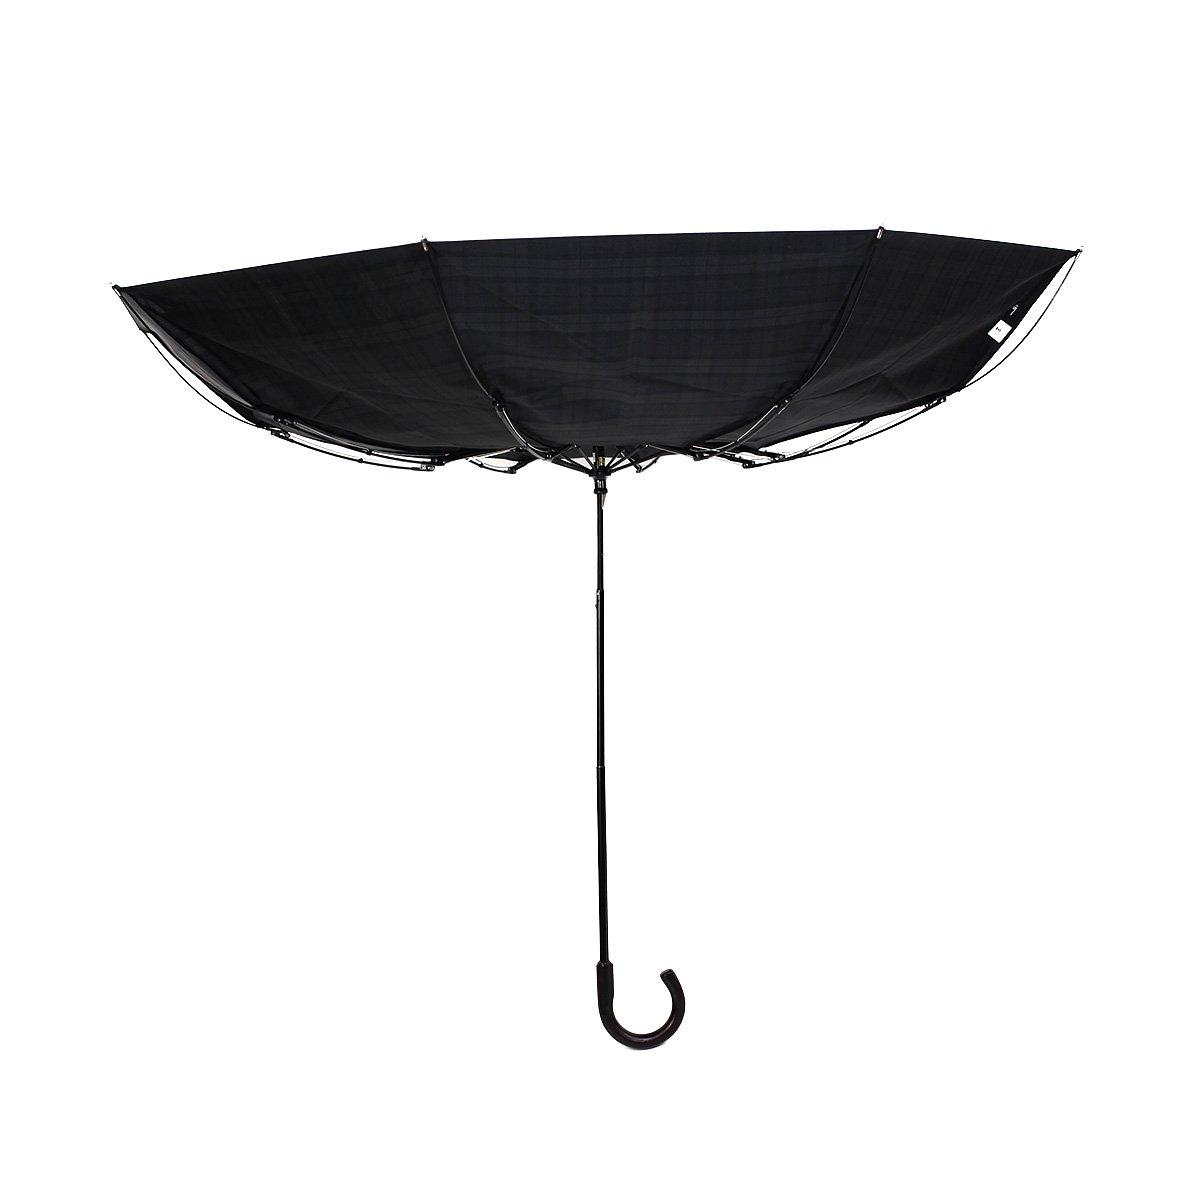 ブライトストライプ 耐風骨 折りたたみ傘 詳細画像8